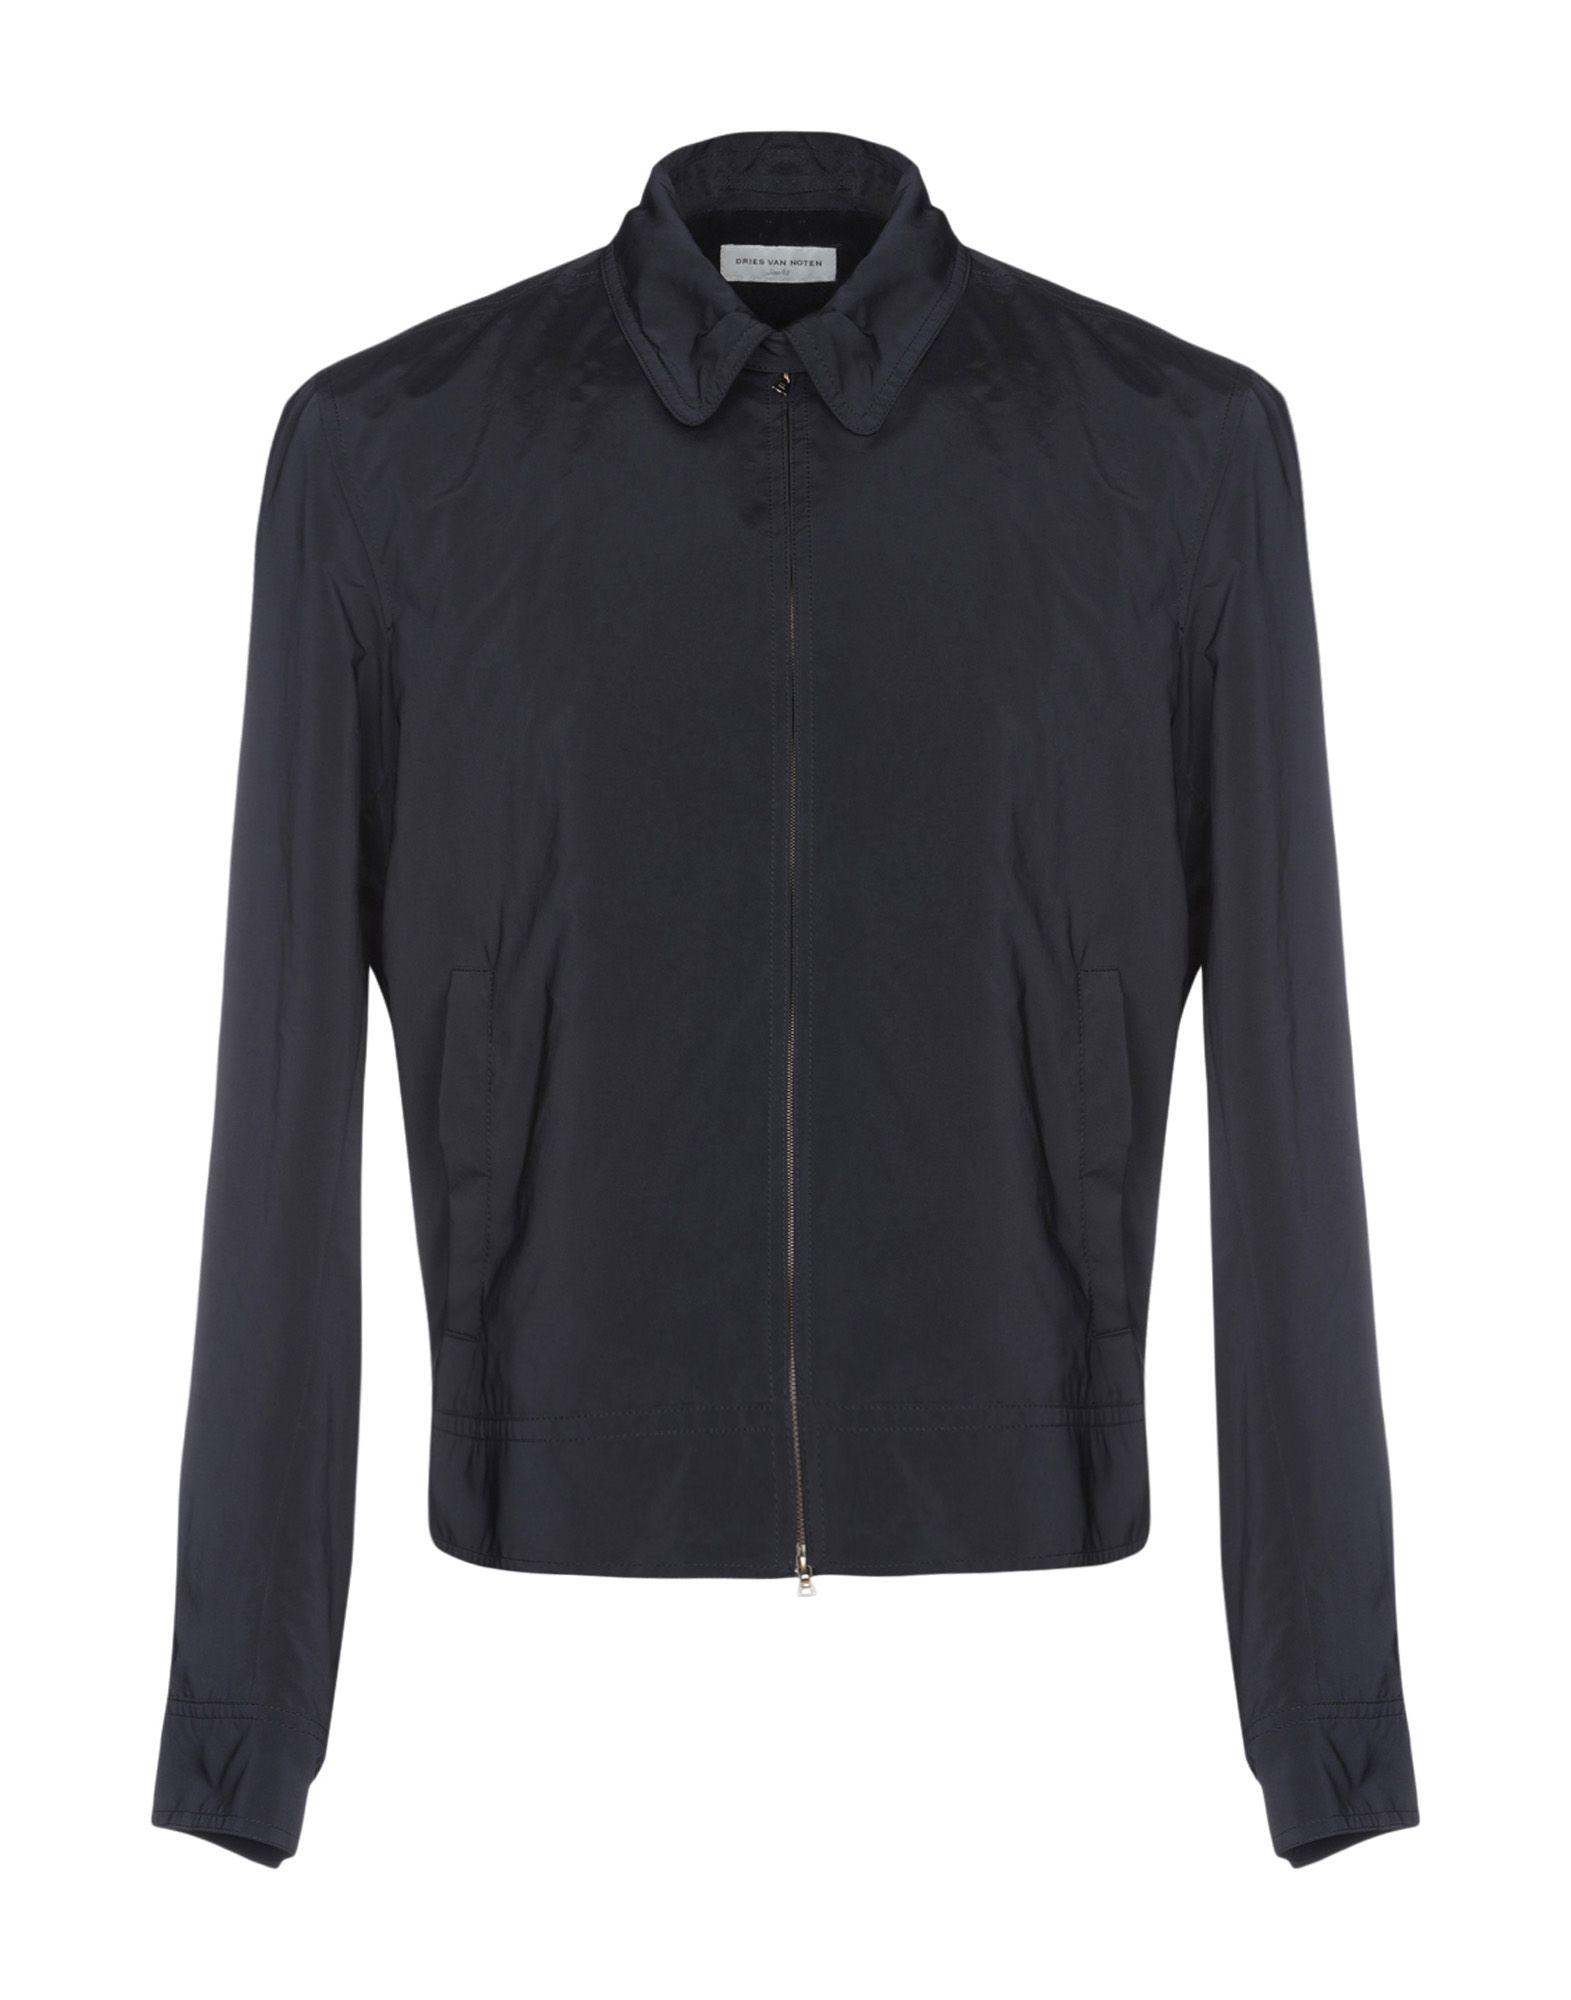 eda84710f2 Dries Van Noten Men - Dries Van Noten Coats   Jackets - YOOX United States